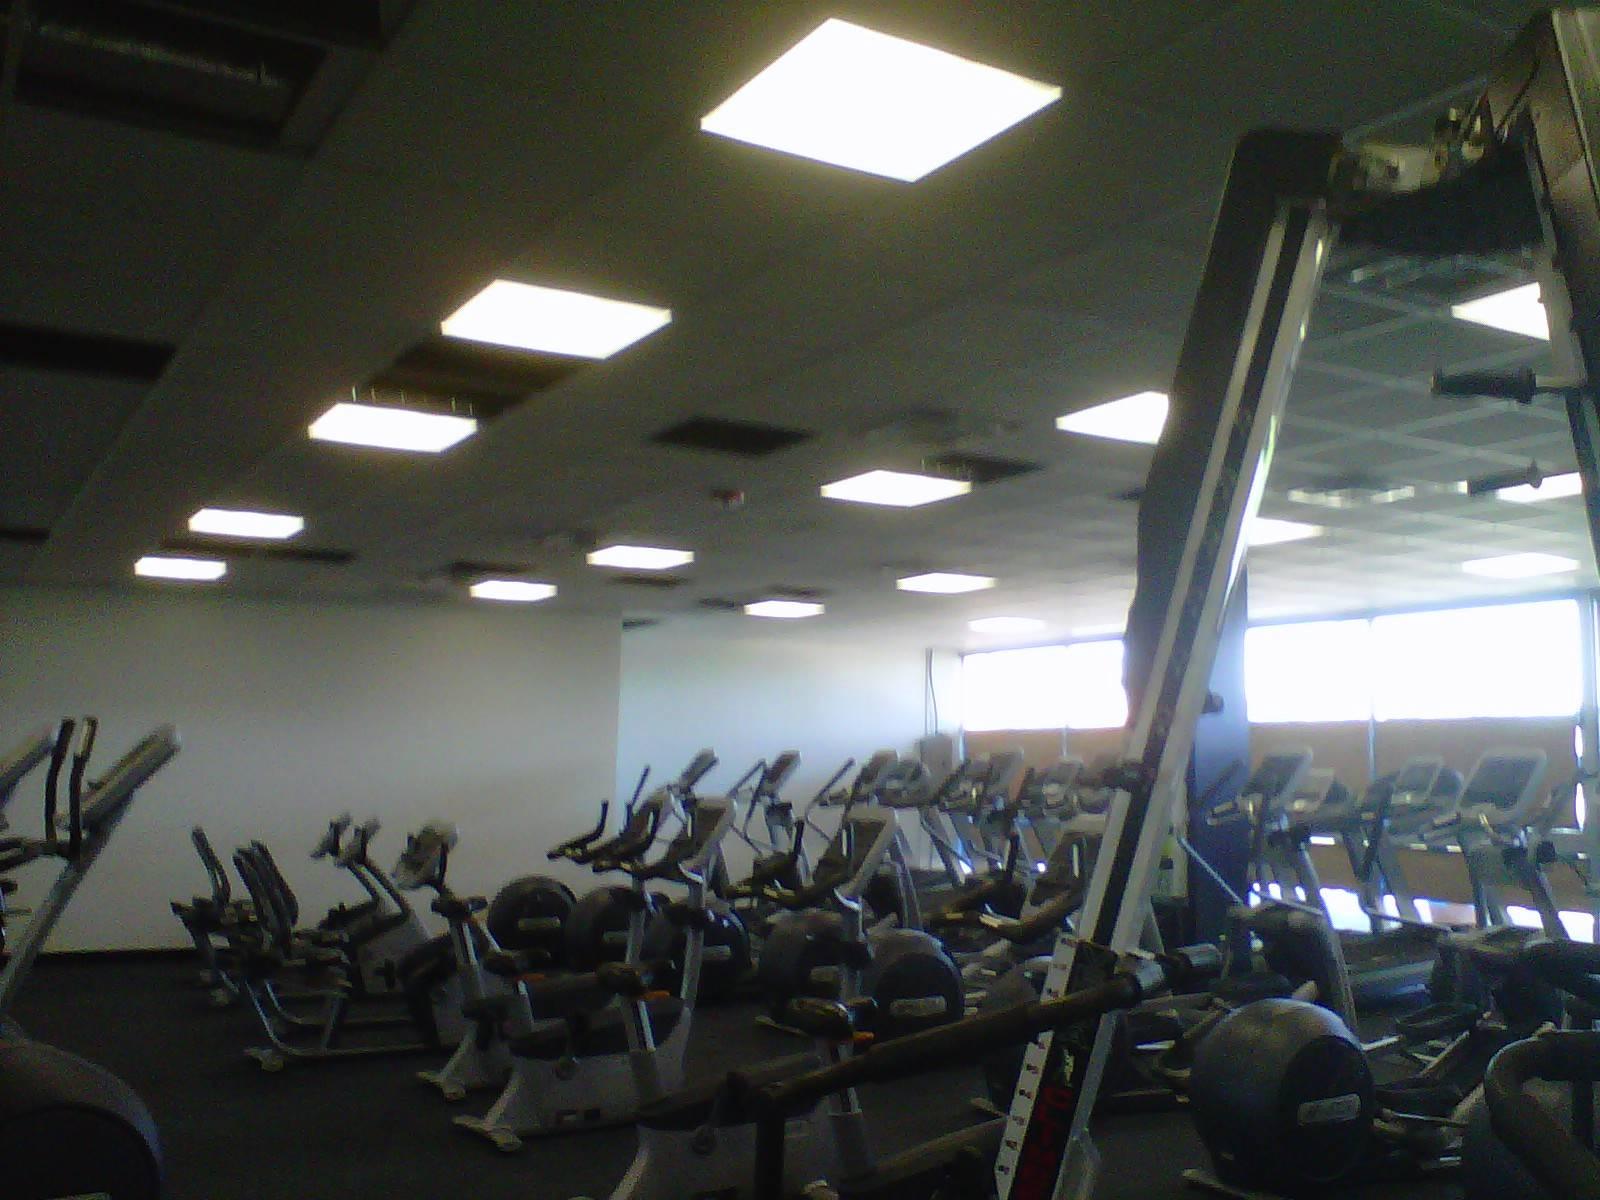 Burr Gymnasium/Howard University